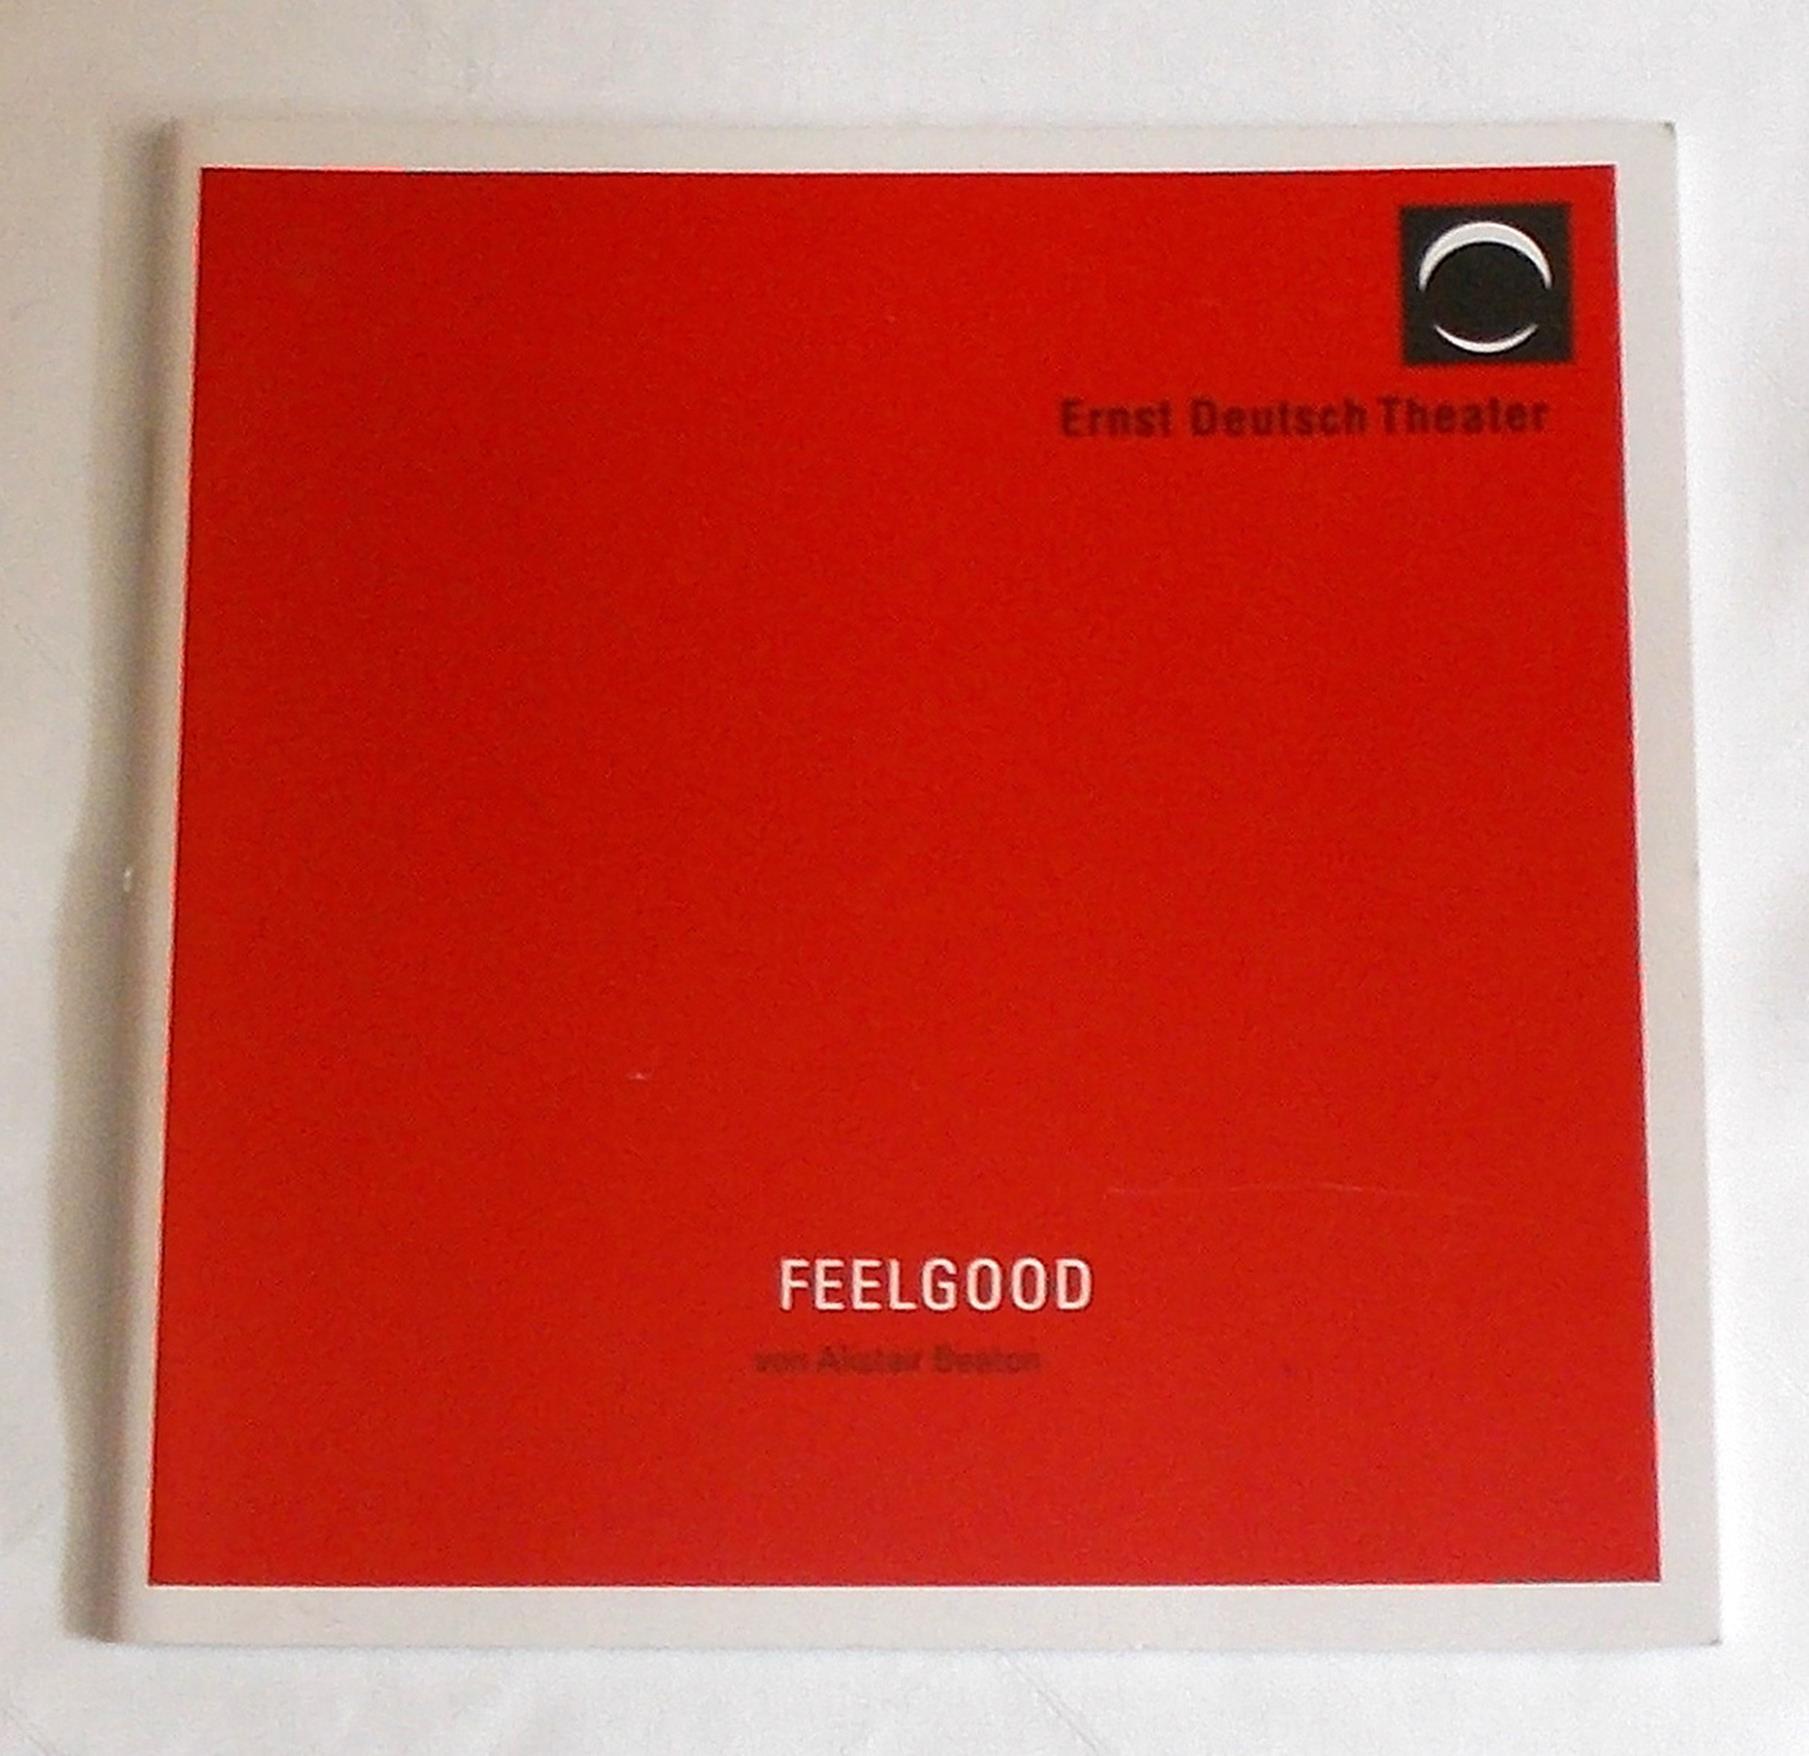 Programmheft FEELGOOD von Alistair Beaton Ernst Deutsch Theater 2006